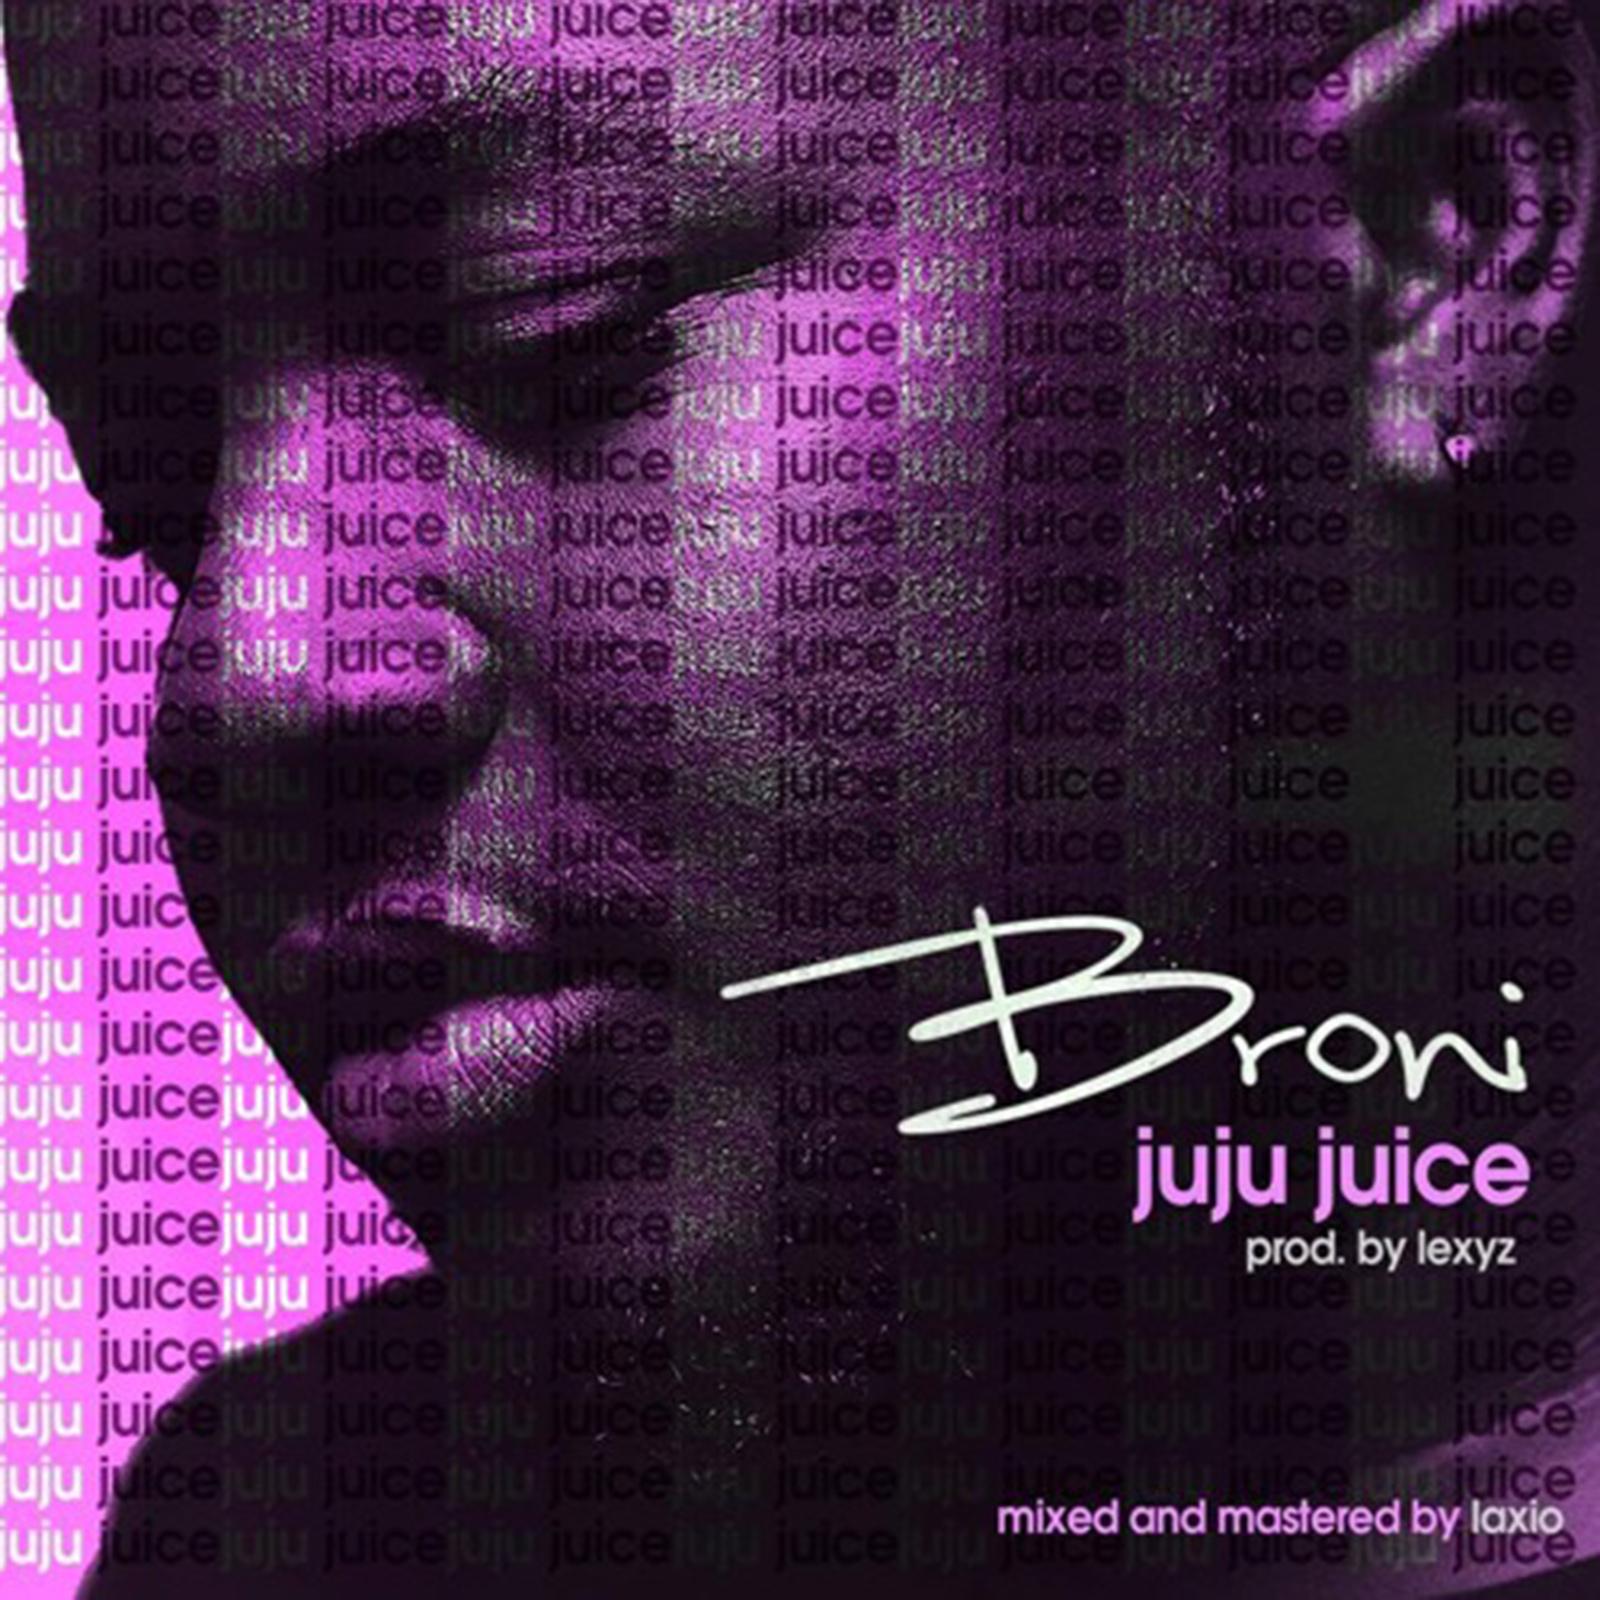 Juju Juice by Broni